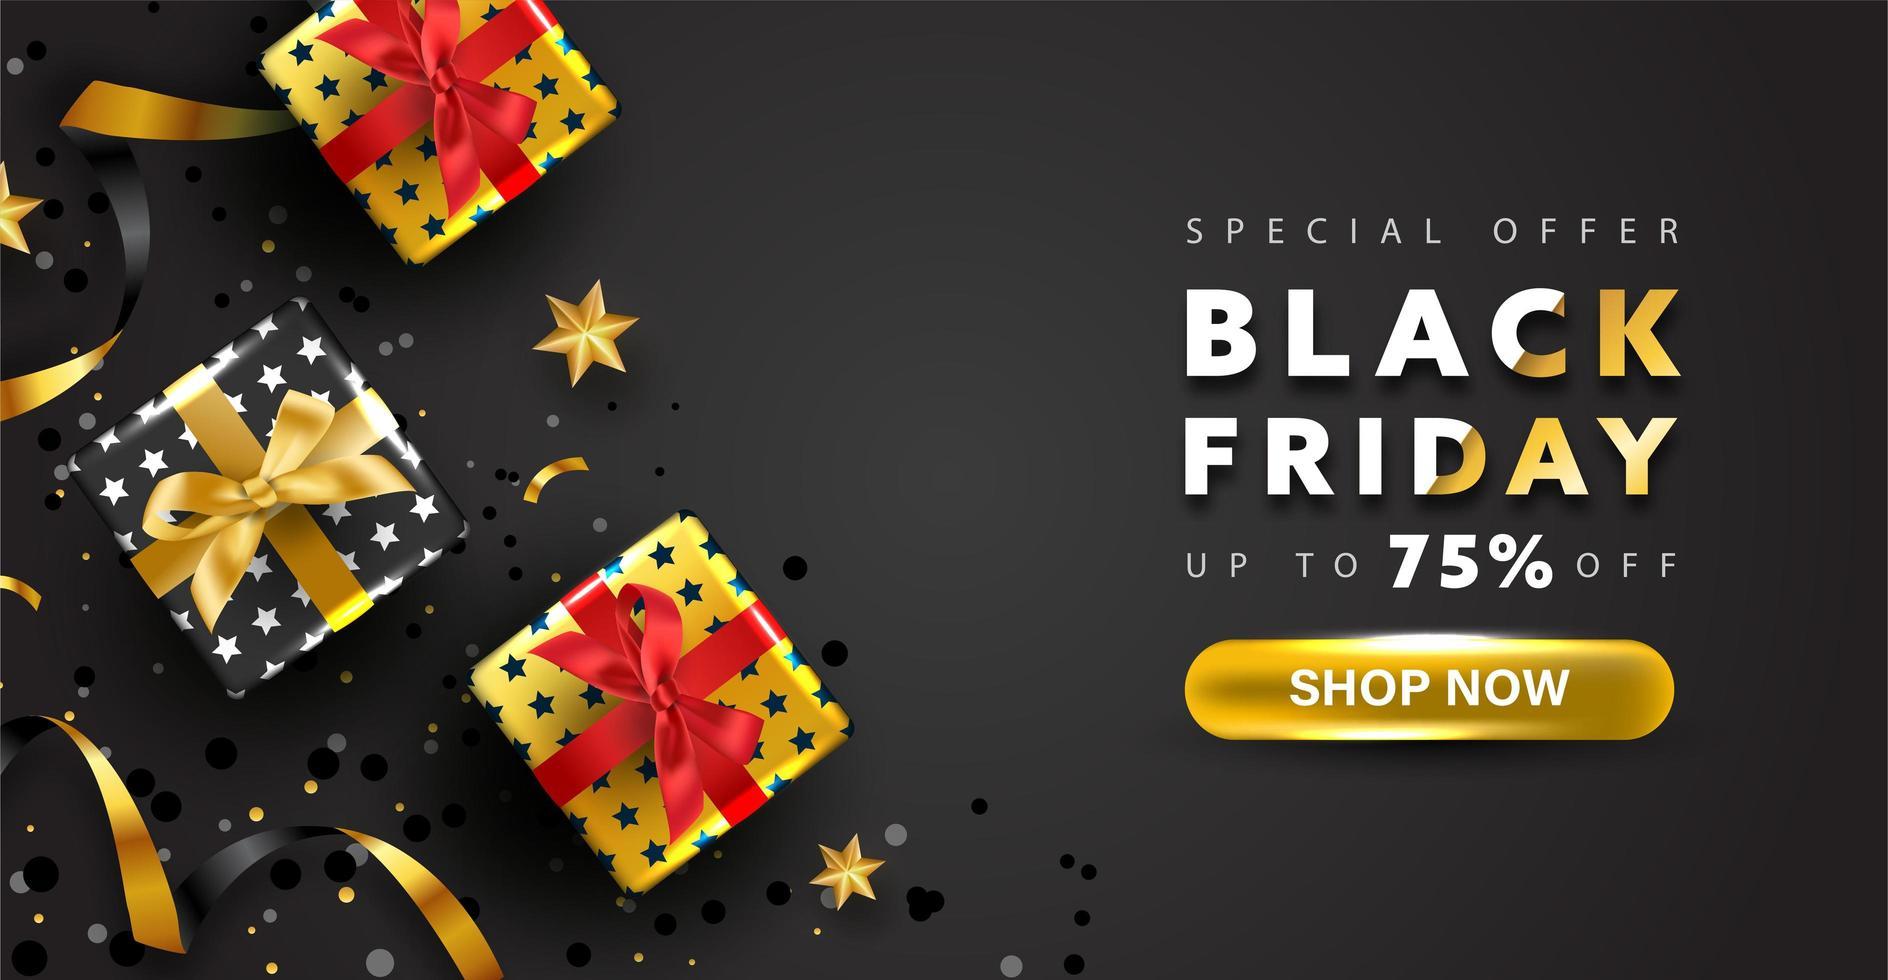 conception de fond vendredi noir. offre spéciale bannière d'achat en ligne. vecteur